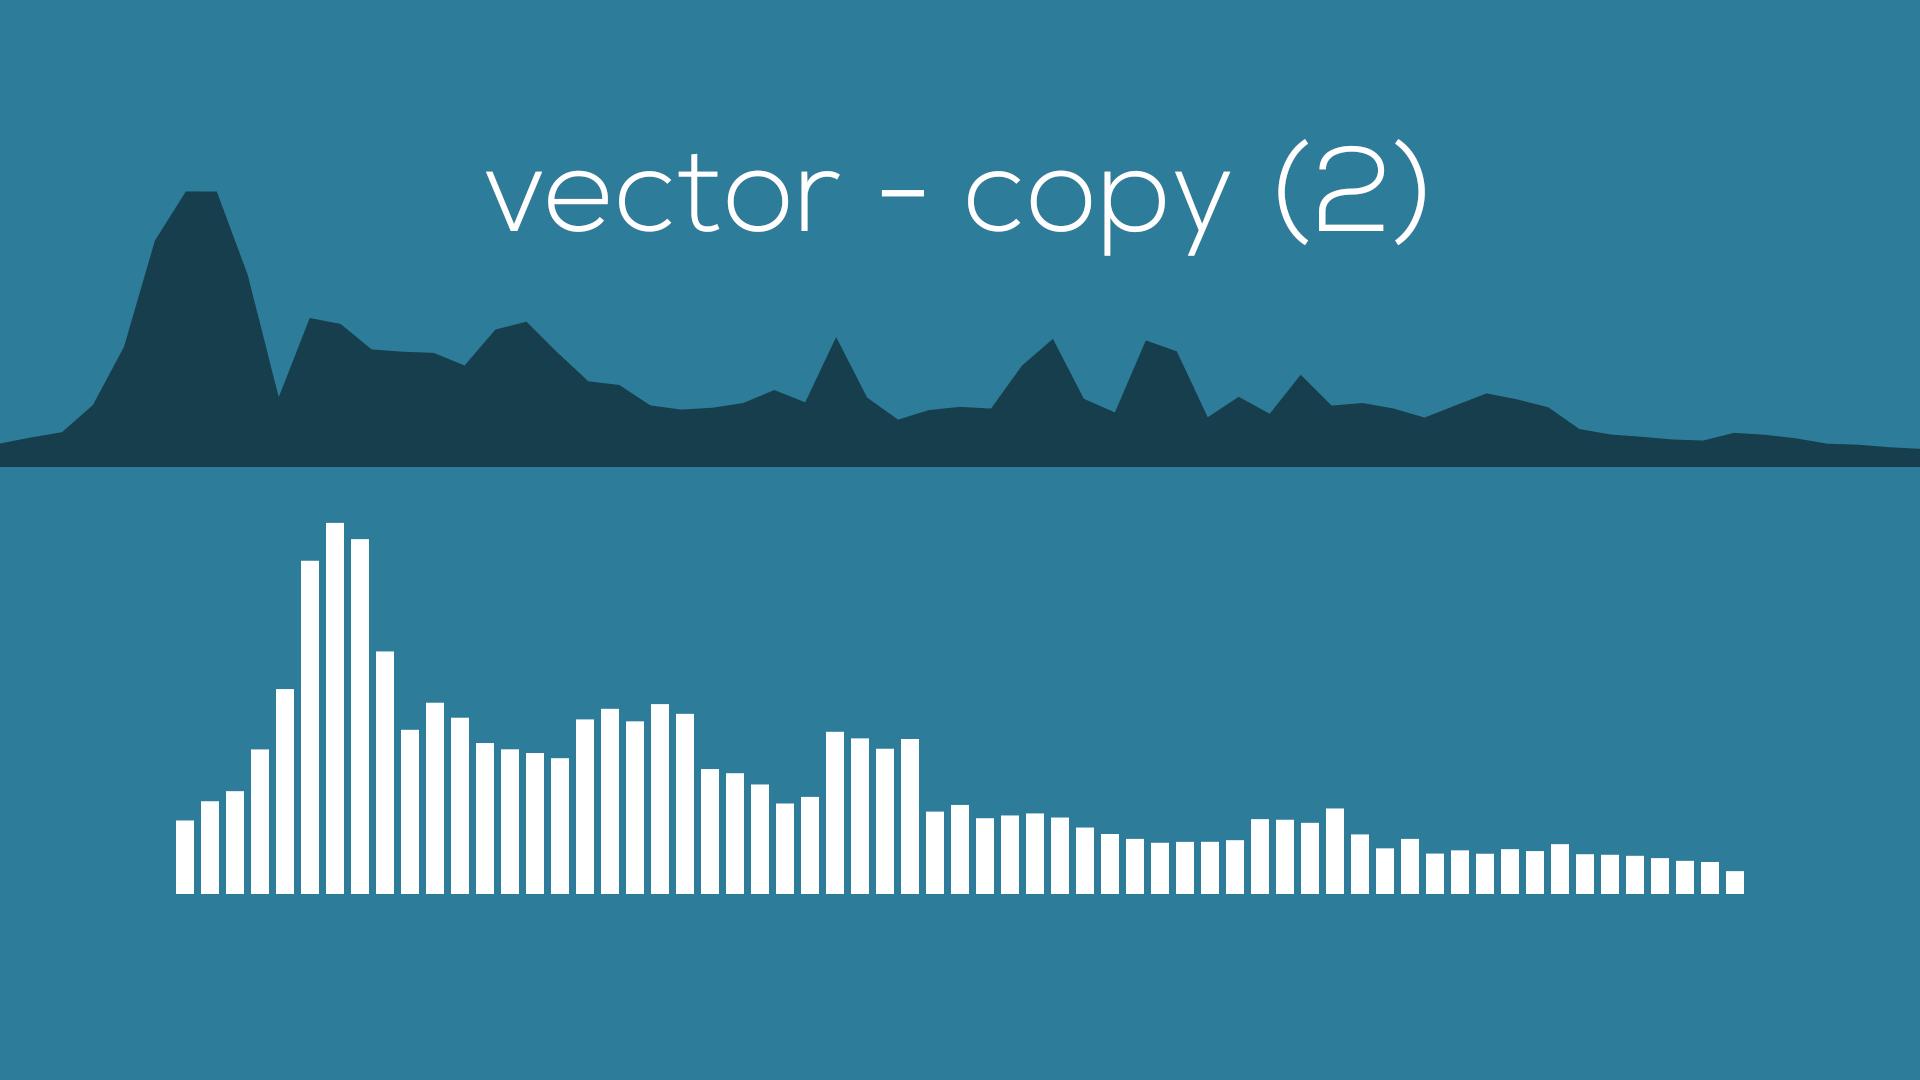 Vector - Copy (2) 1.0.1